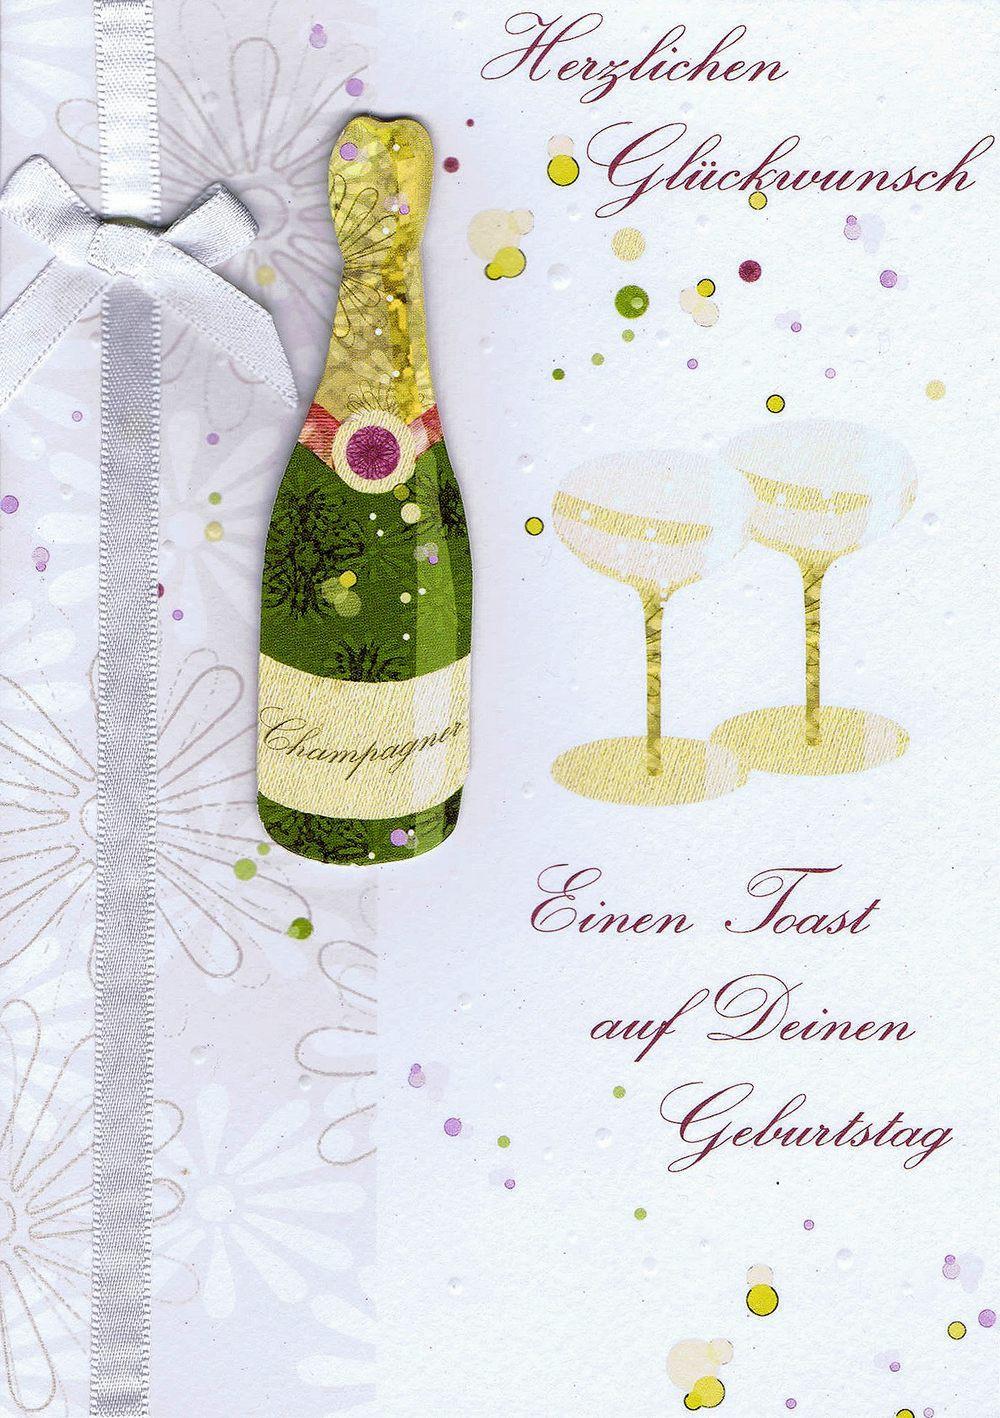 Hochwertige Geburtstagskarte - Einen Toast auf Deinen Geburtstag